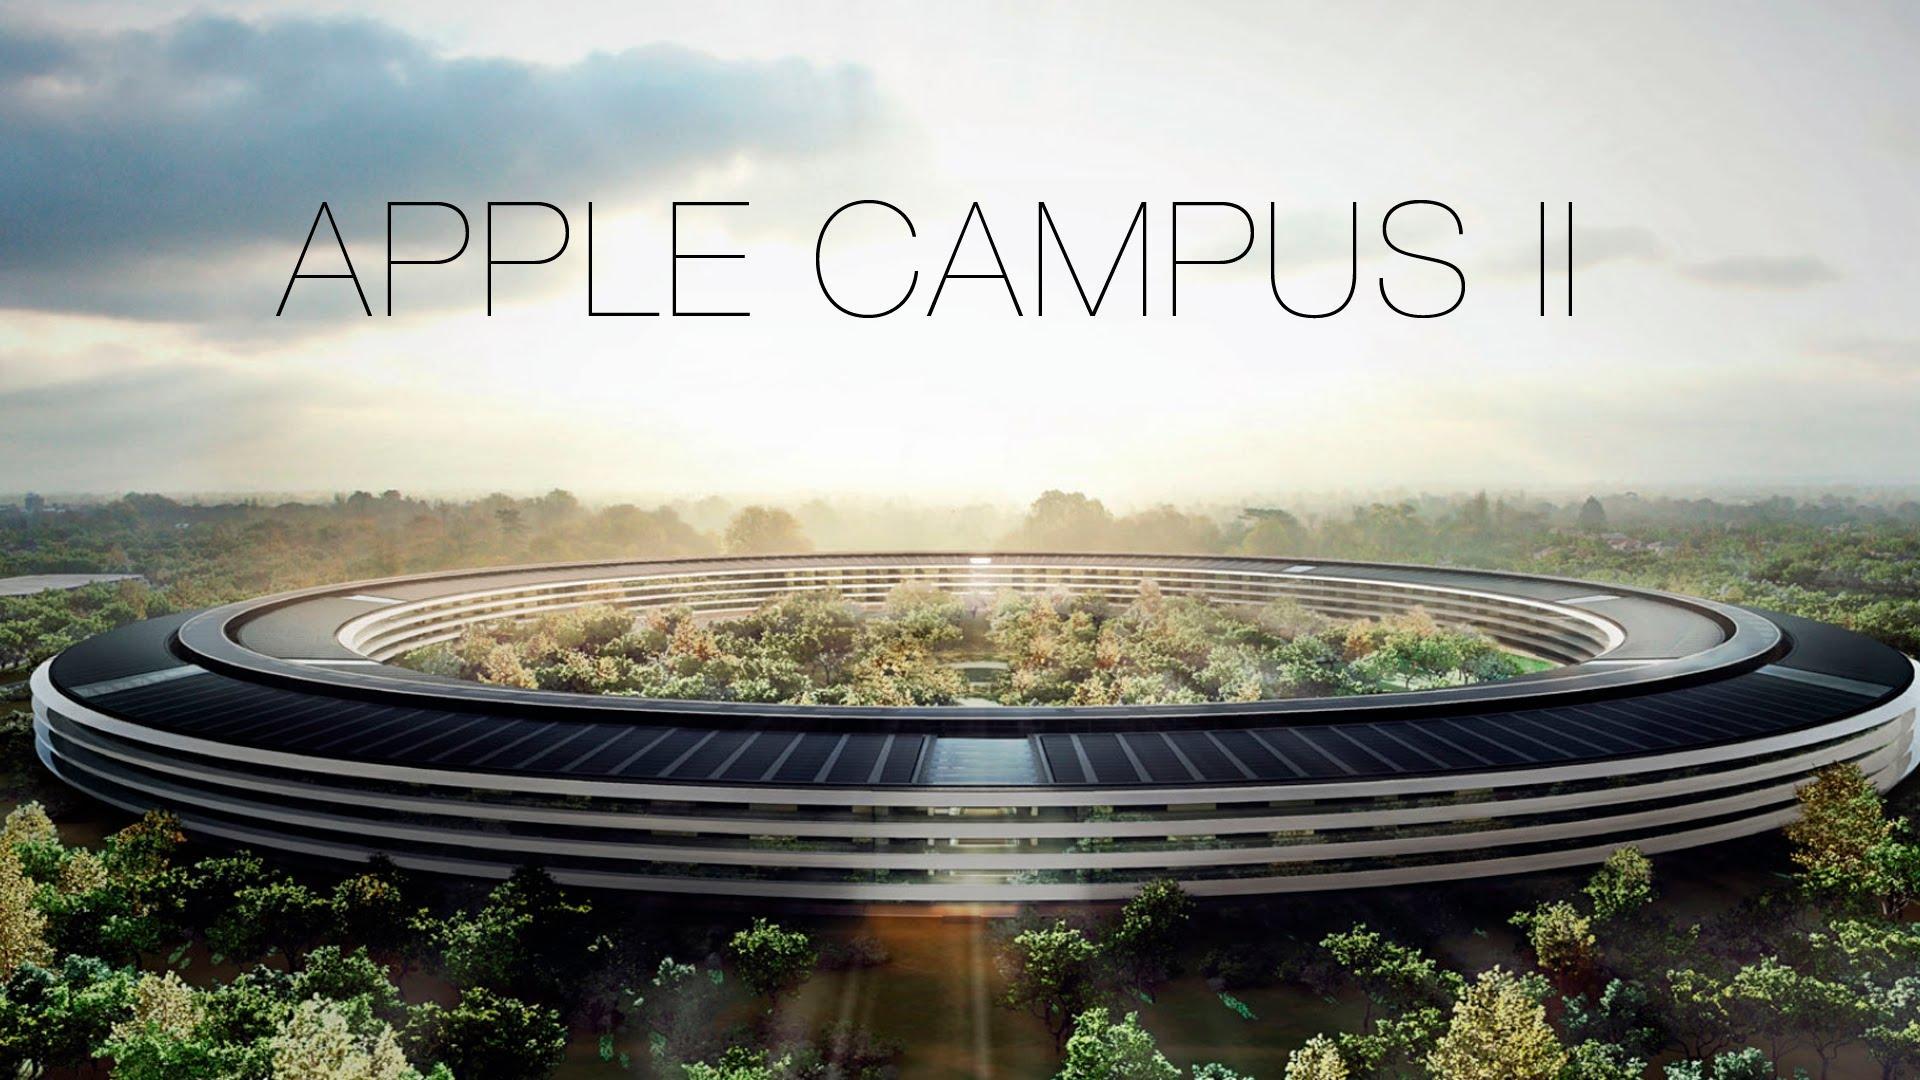 Почему сотрудники Apple не в восторге от нового кампуса компании?